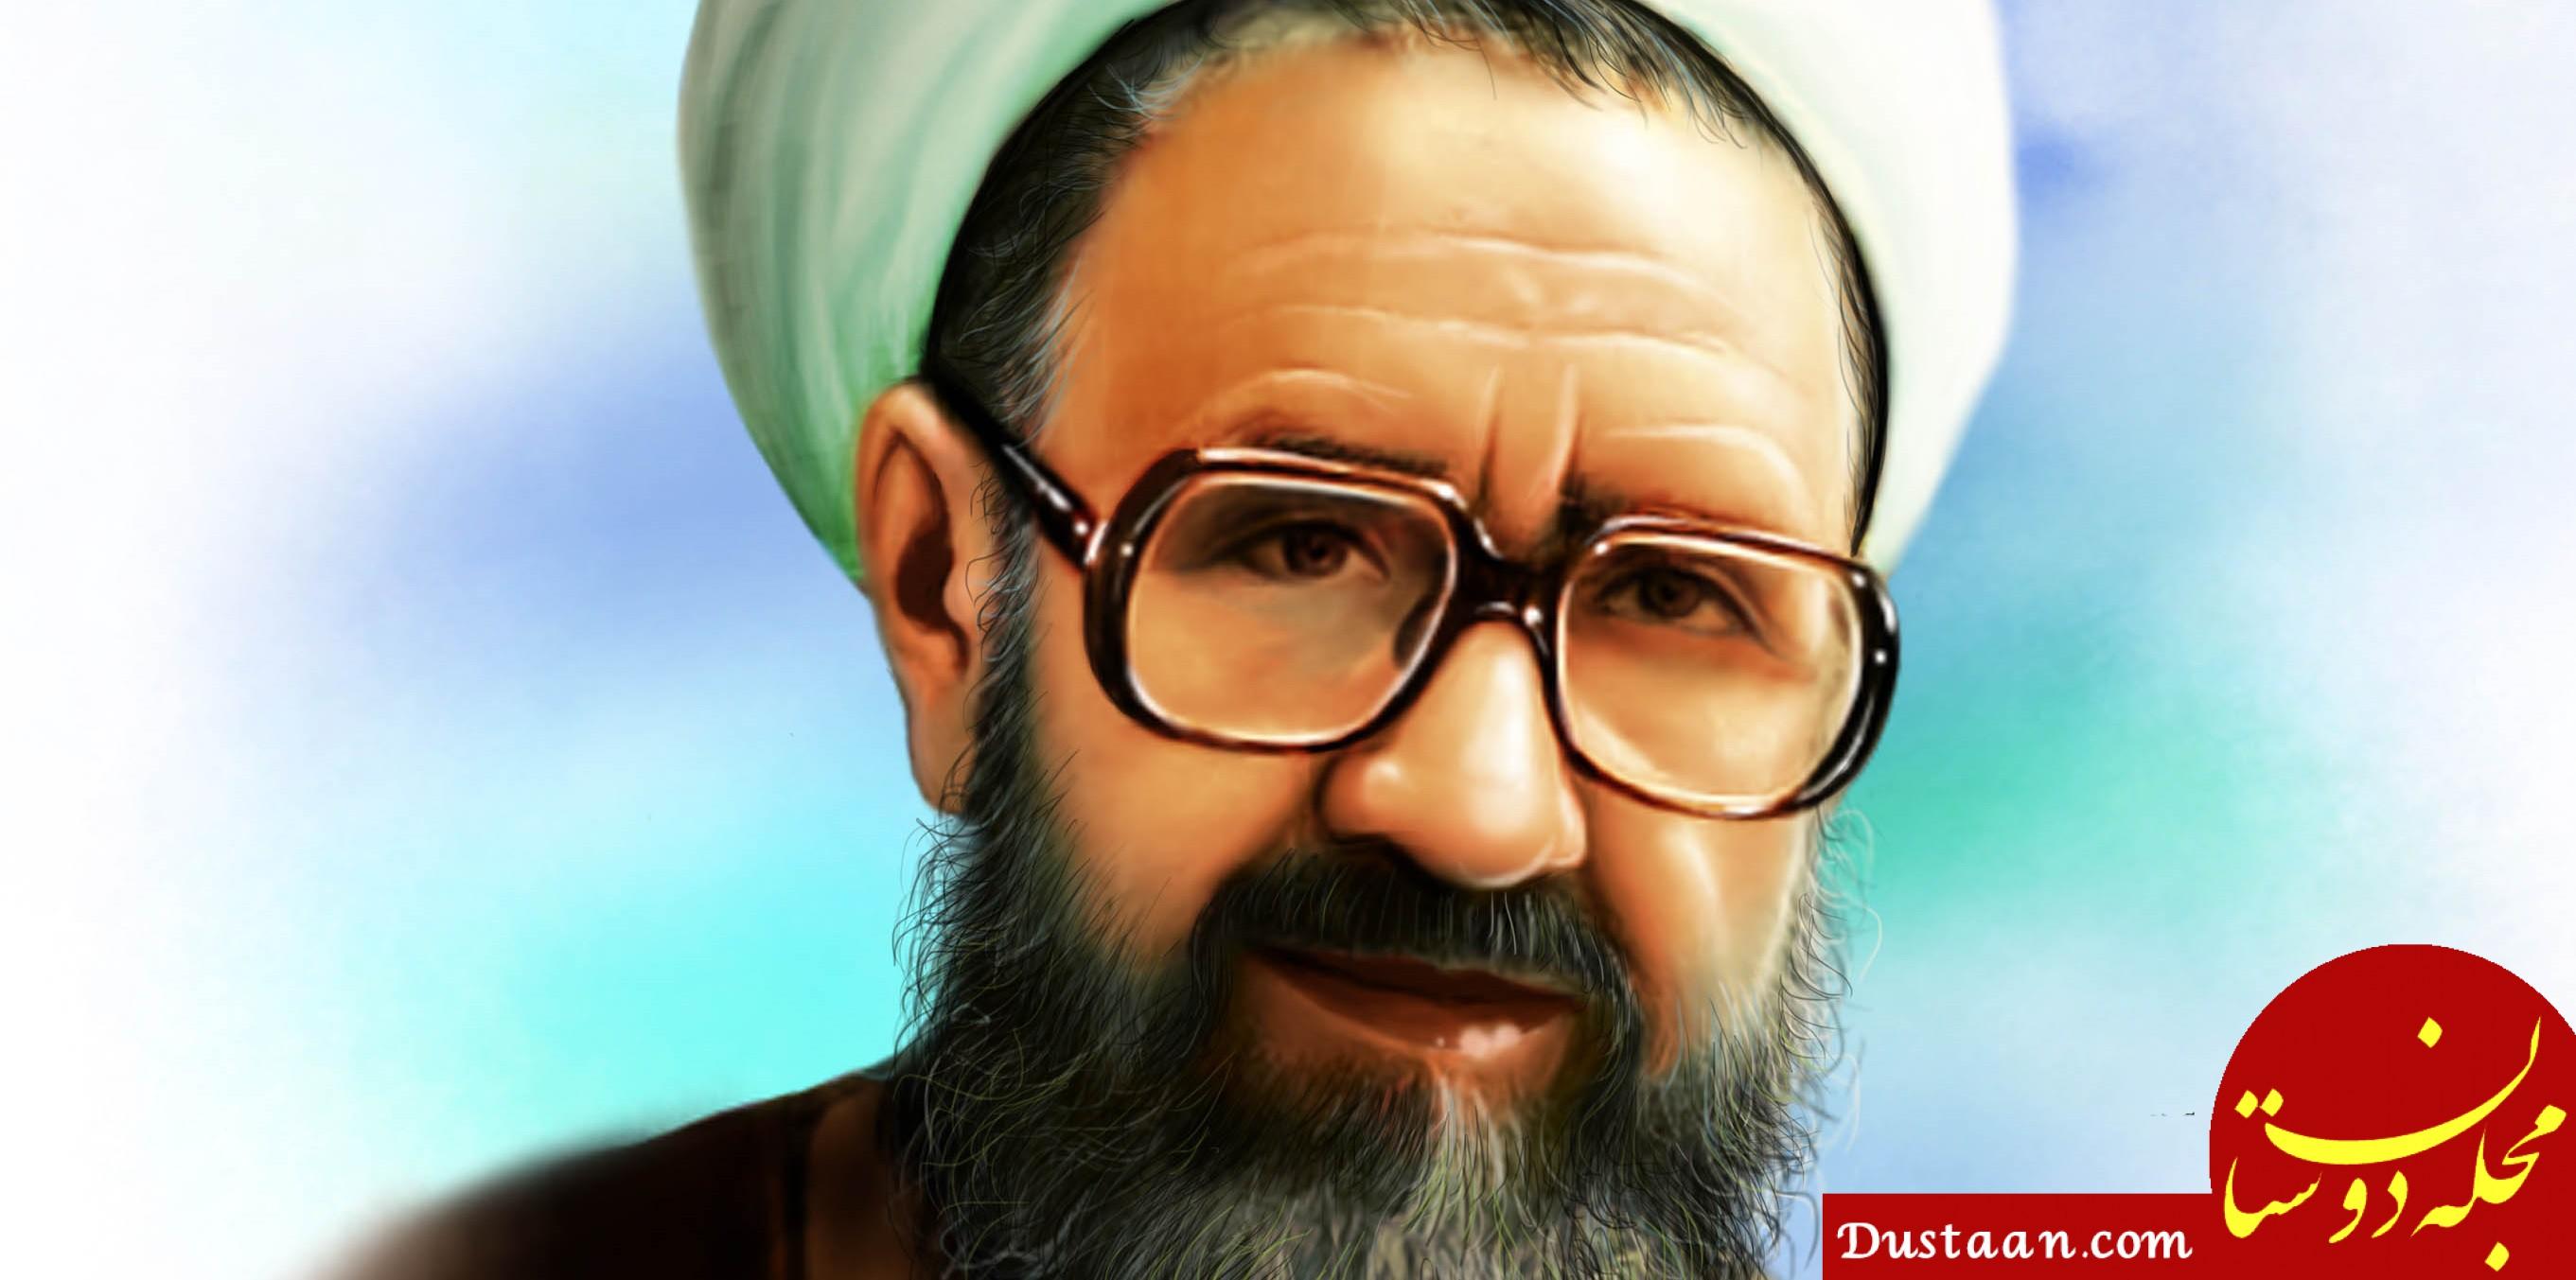 www.dustaan.com سوال جالب شهید مطهری از مردانی که می خواهند همسر دوم بگیرند